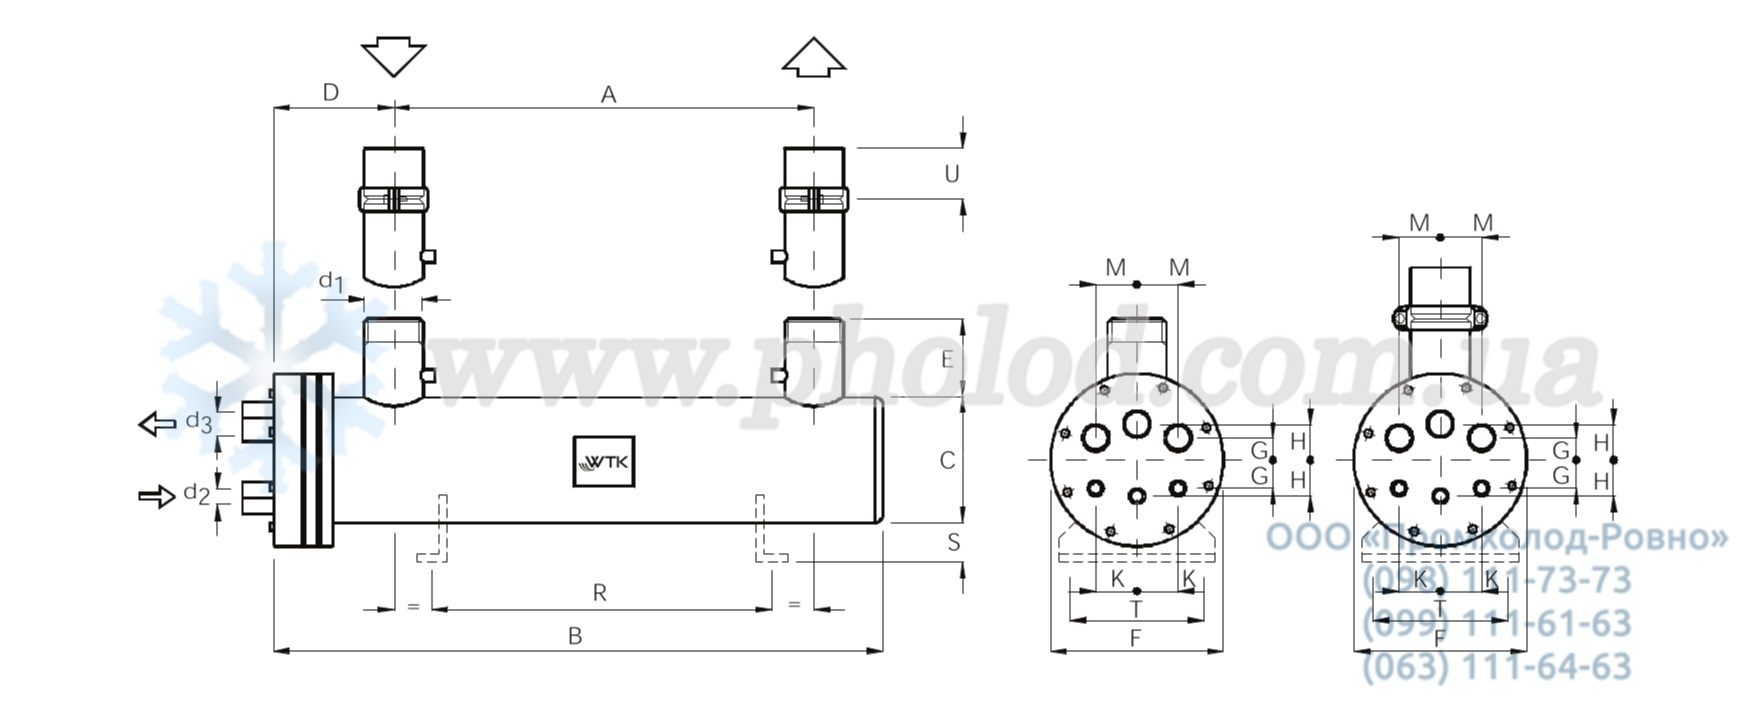 Кожухотрубный испаритель WTK TFE 865 Артём Пластины теплообменника Alfa Laval TS20-MFS Набережные Челны